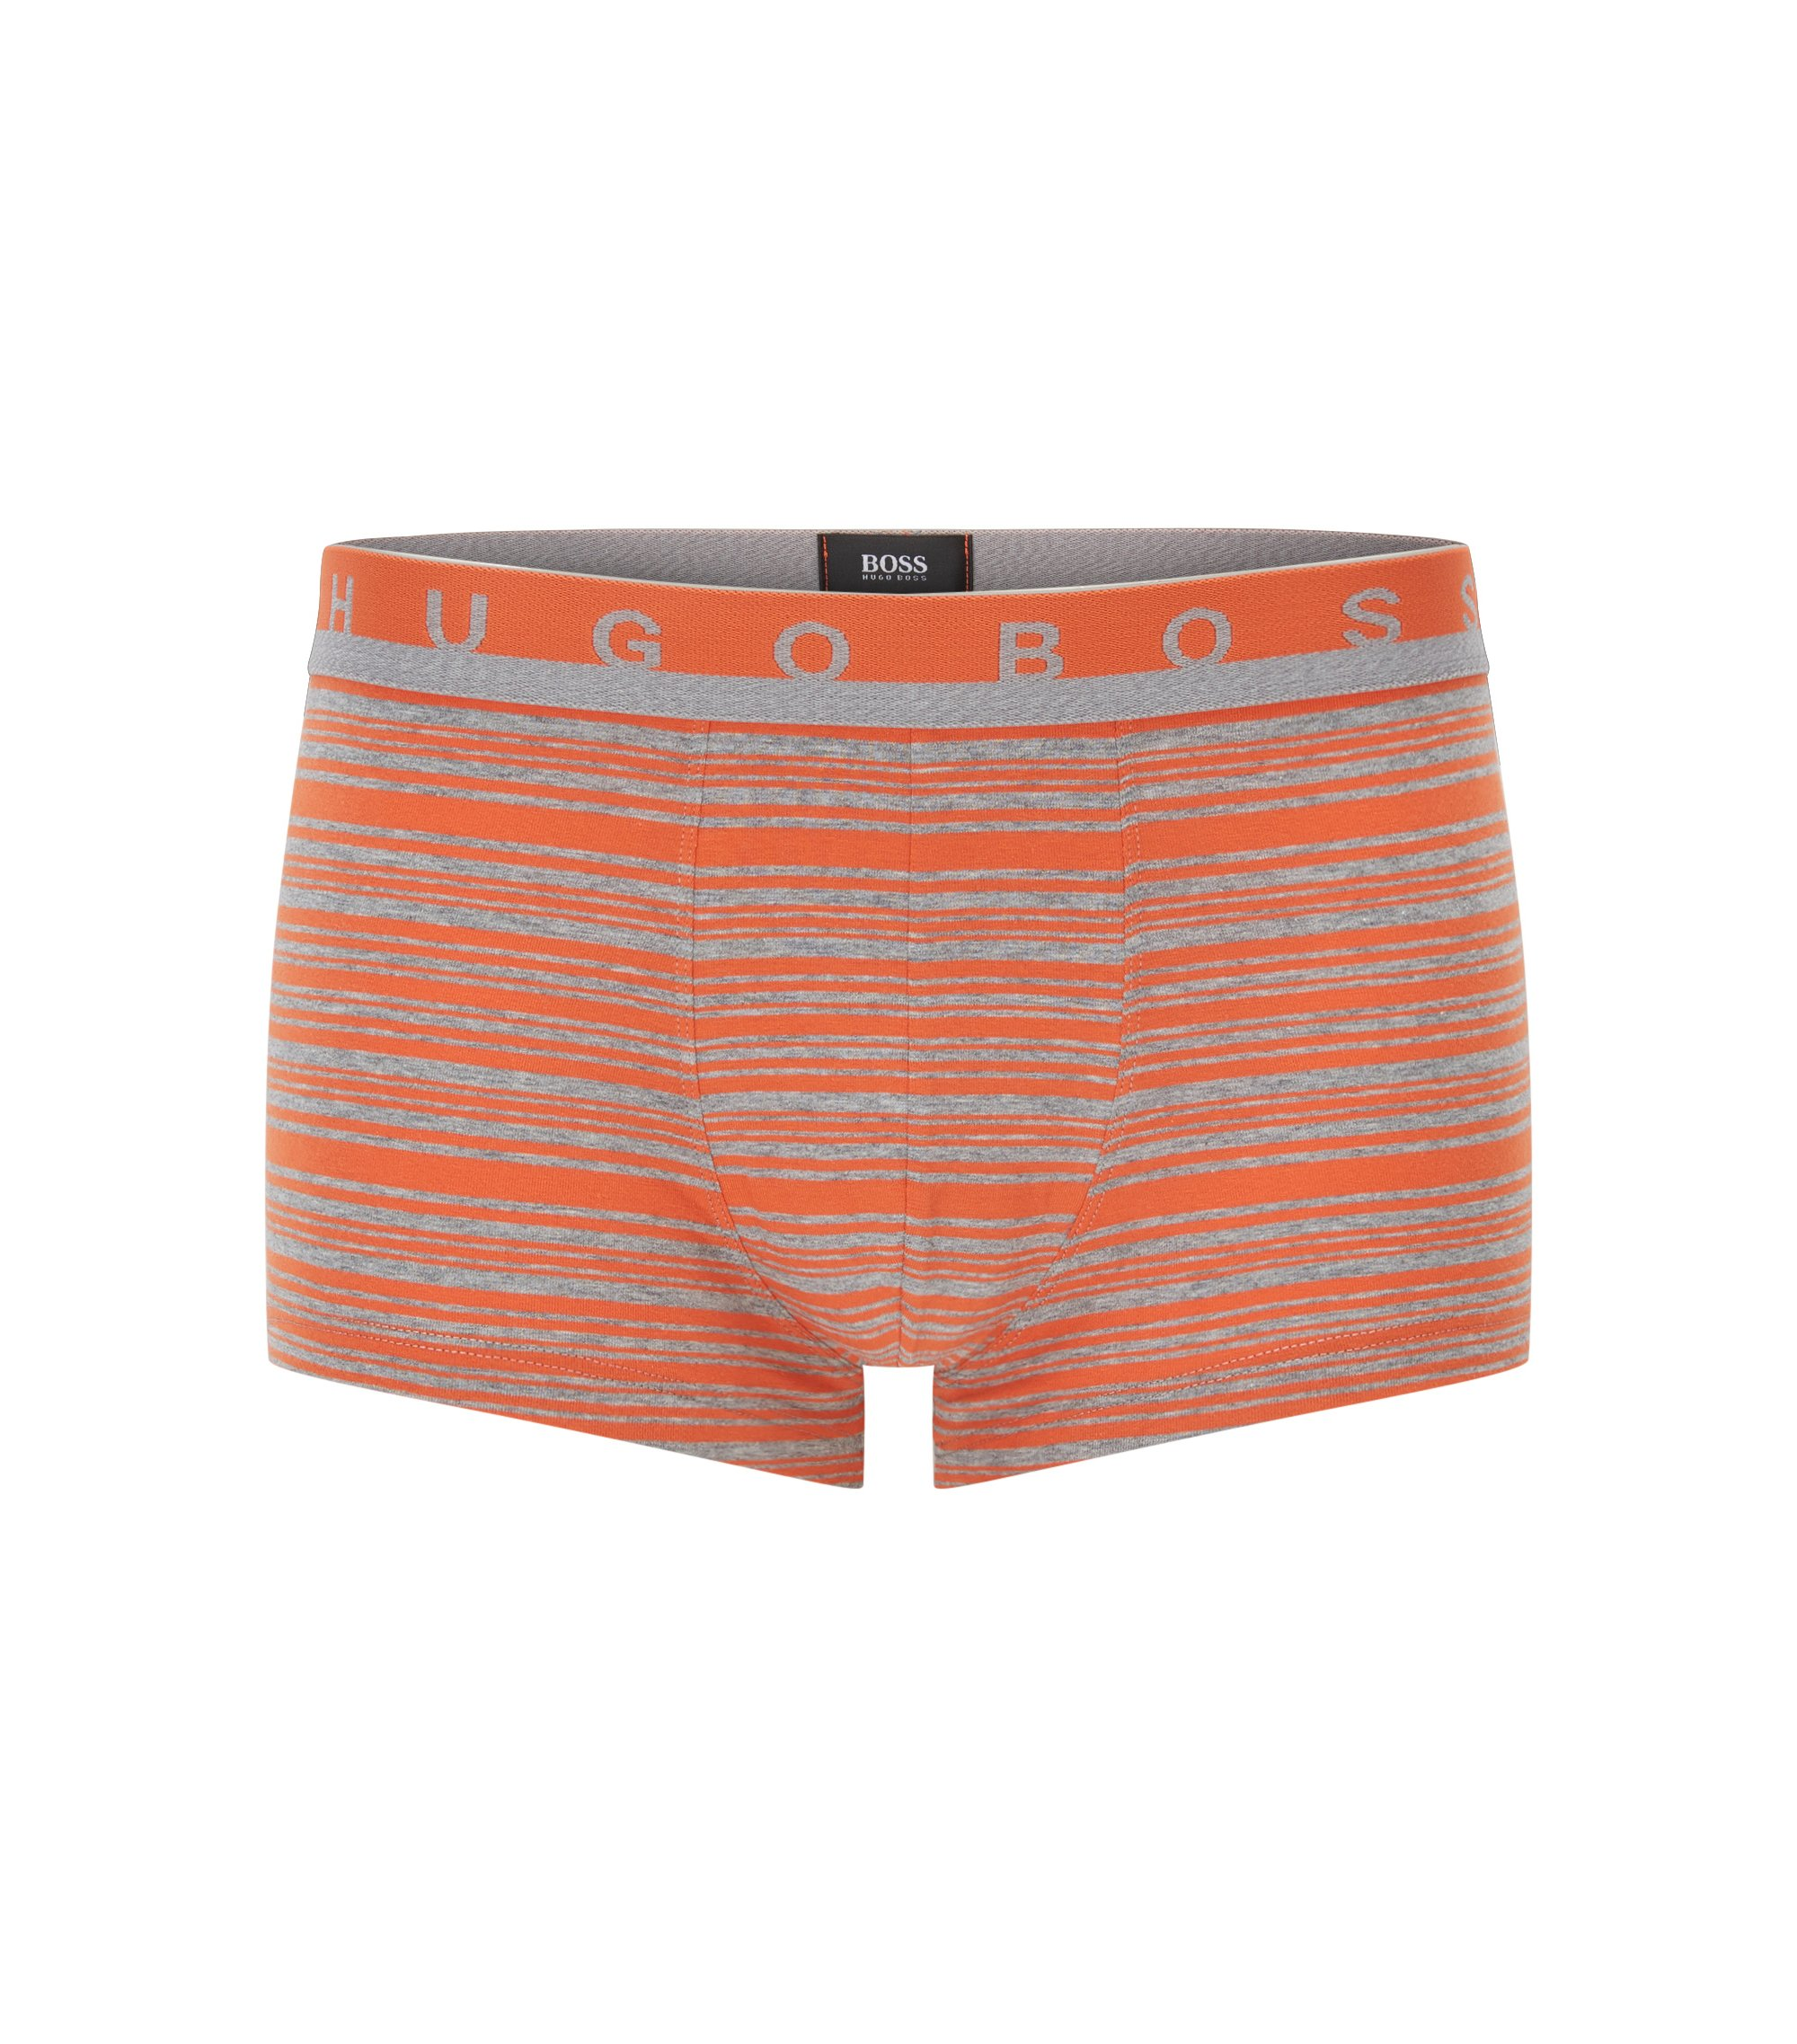 Gestreifte Boxershorts aus elastischer Baumwolle, Orange